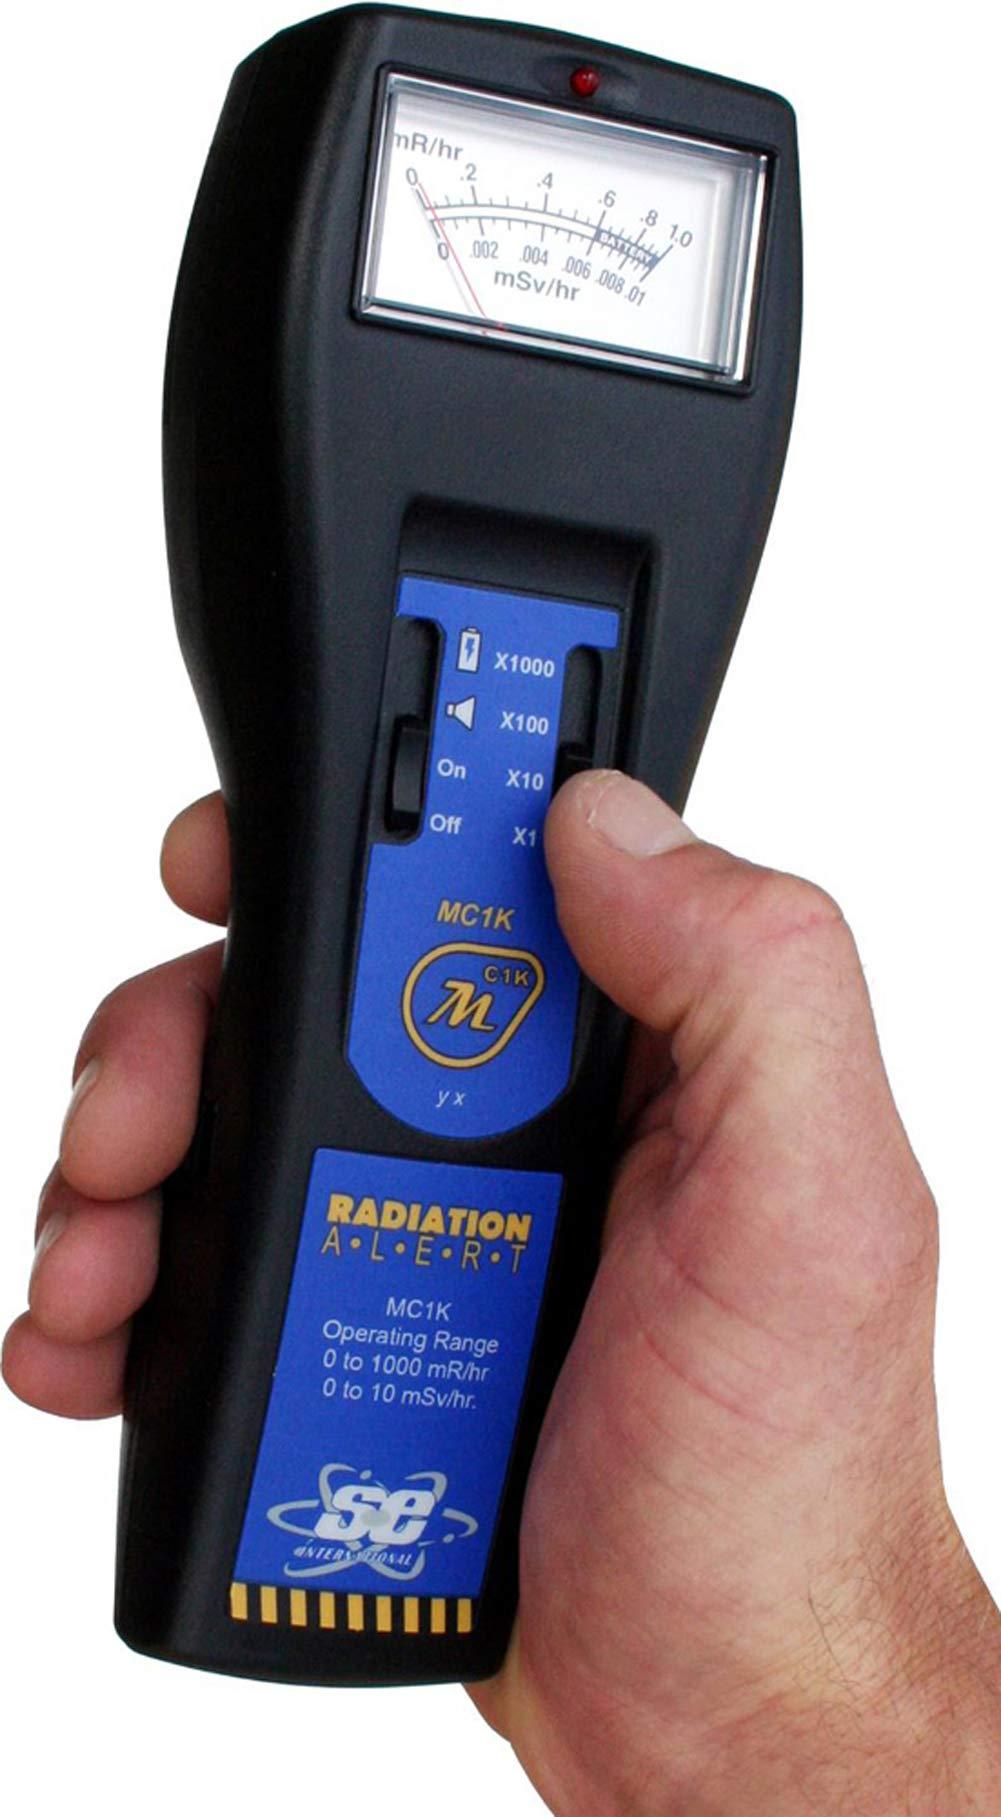 Radiation Alert MC1K High Range Analog-Based Ionizing Radiation Detector